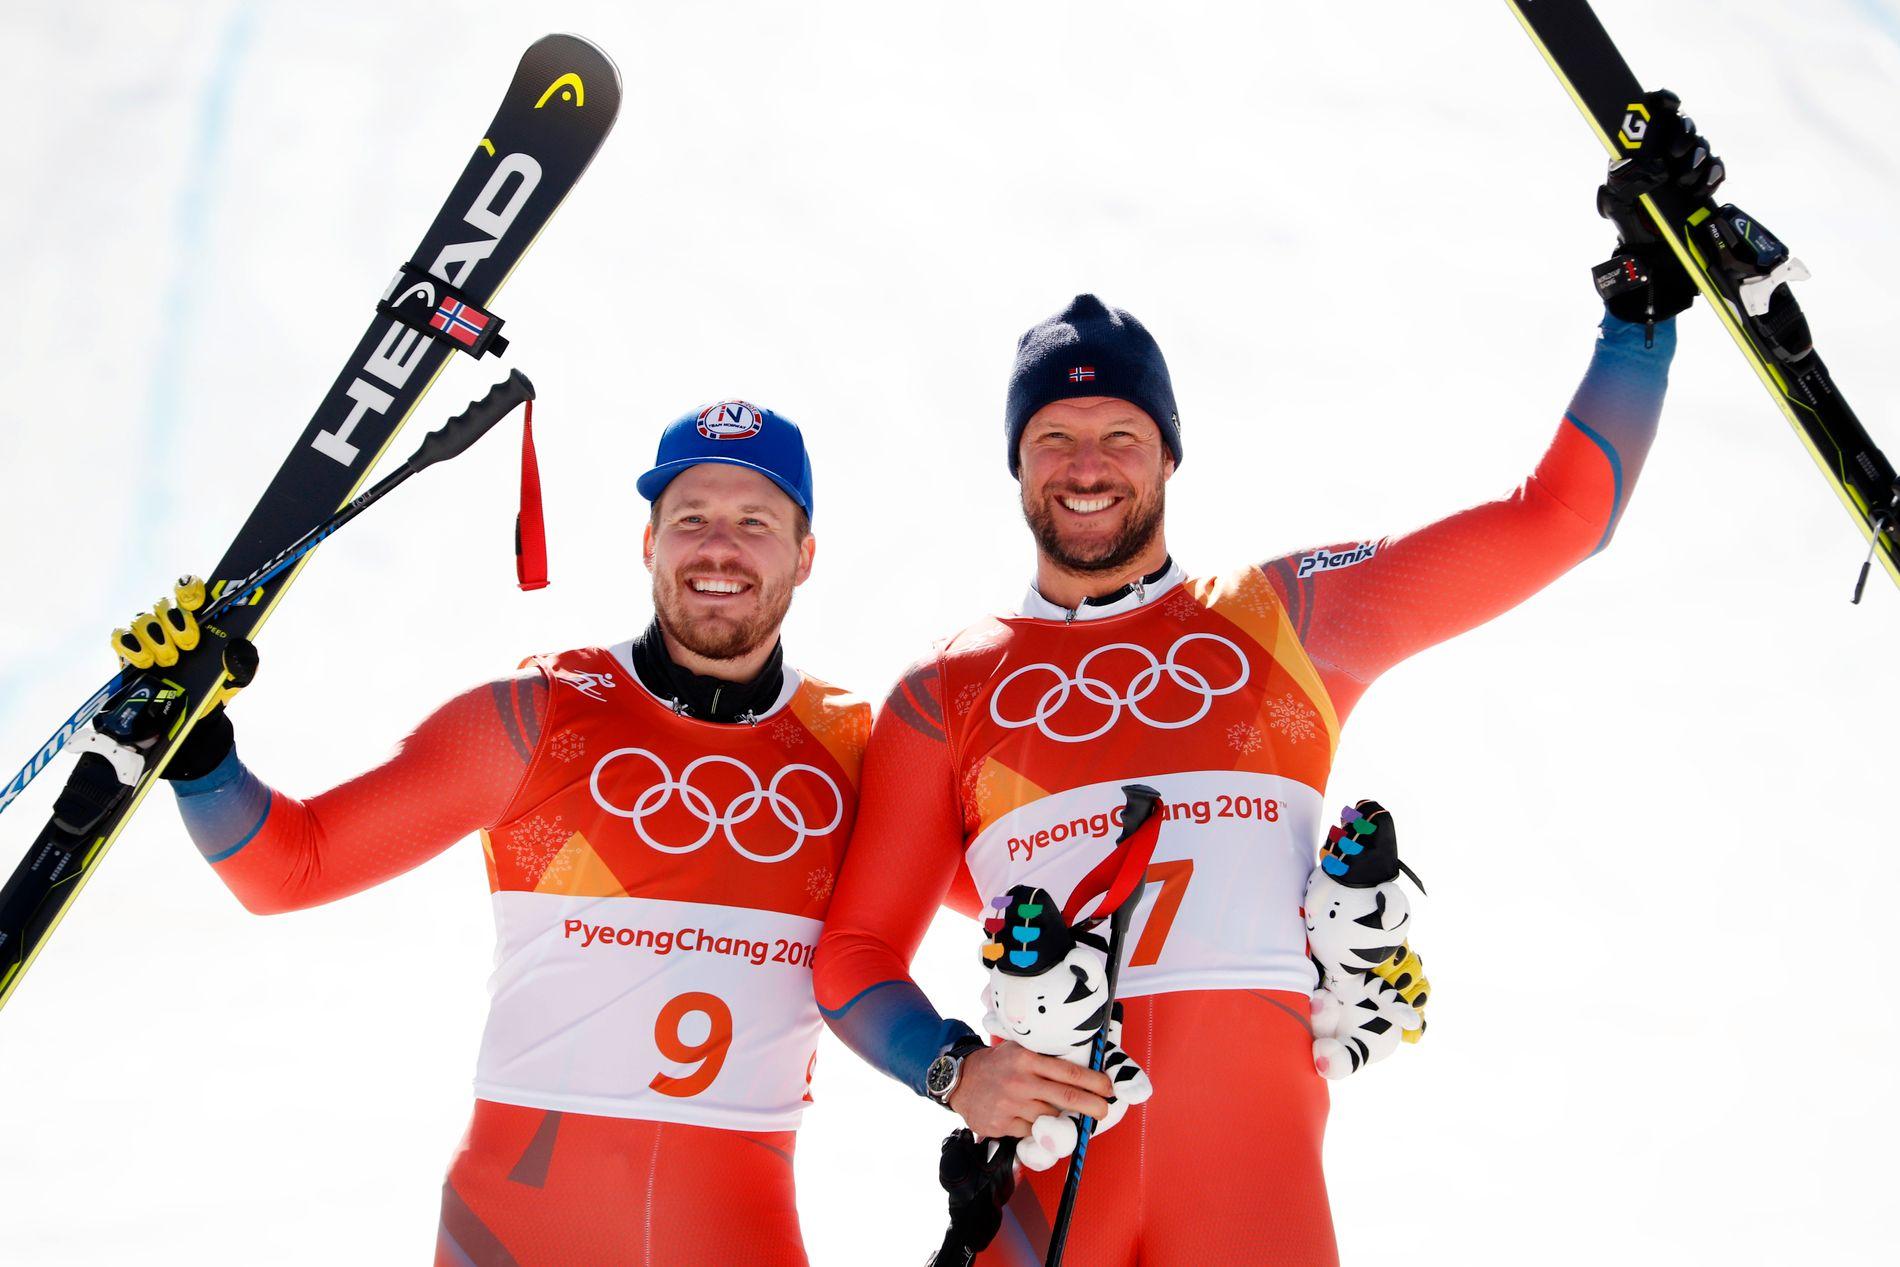 TRIVELEGE KARAR: Kjetil Jansrud og Aksel Lund Svindal fekk sølv og gull i utfor i Pyeongchang.